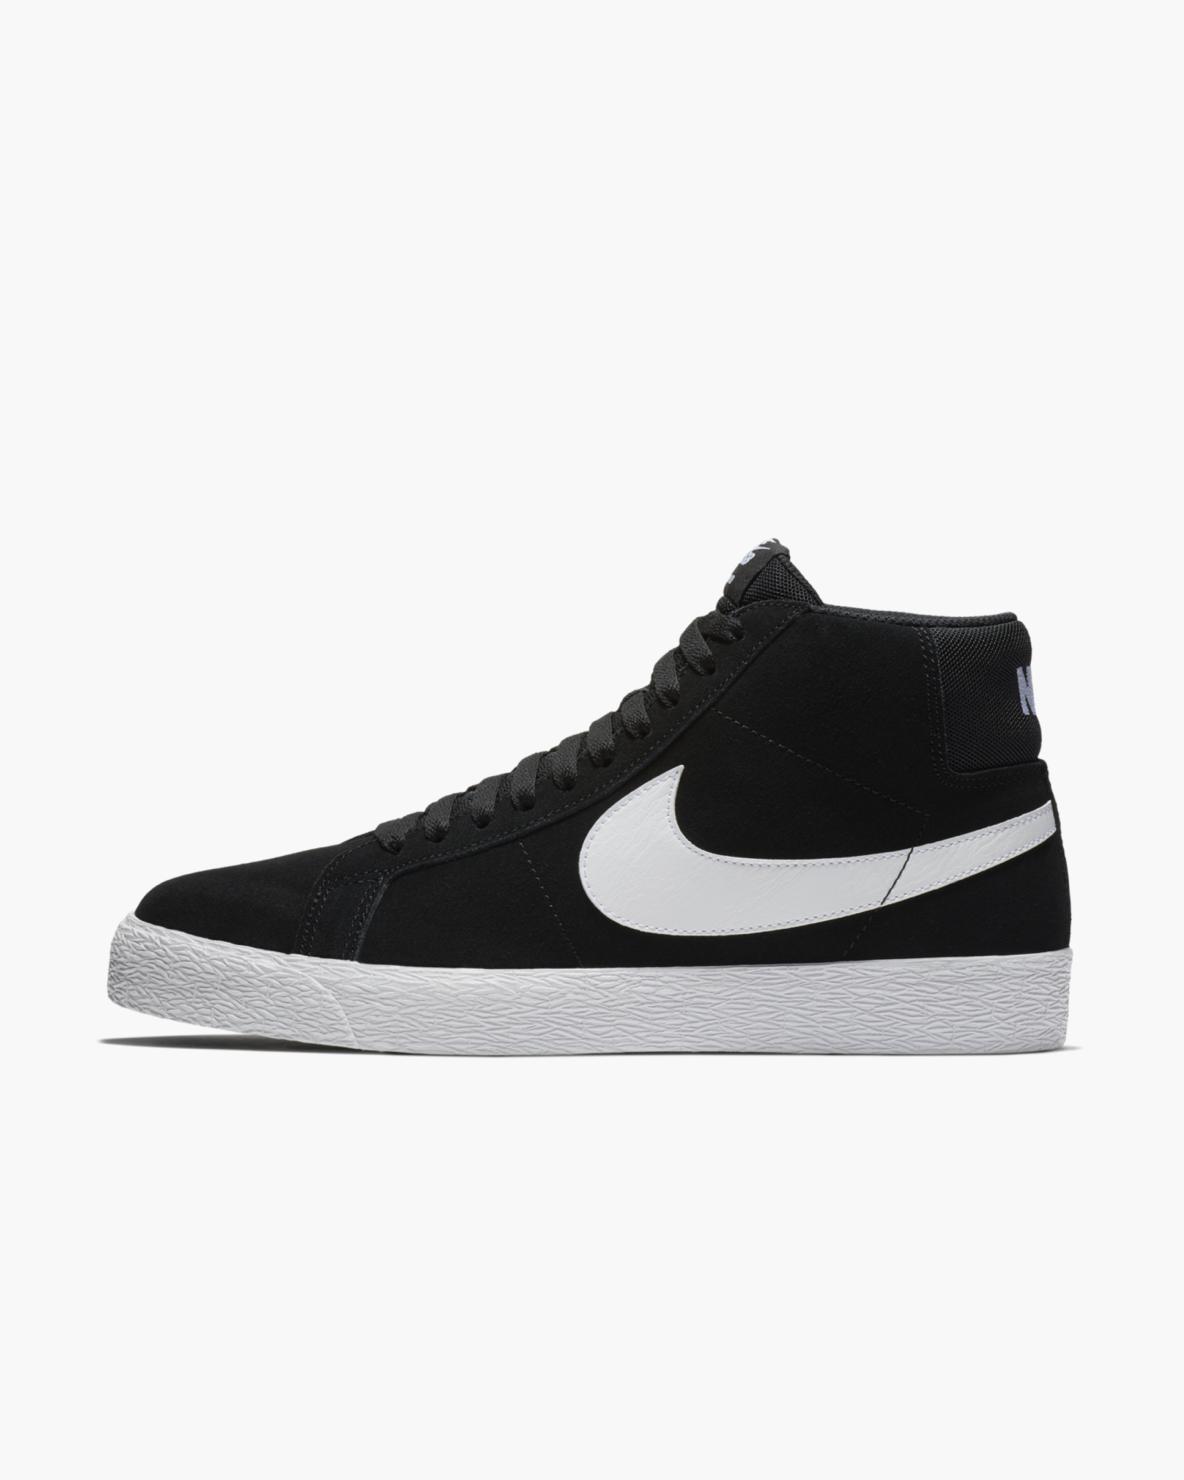 size 40 7528a 4d312 Nike SB. Inside Nike Skateboarding. Nike.com